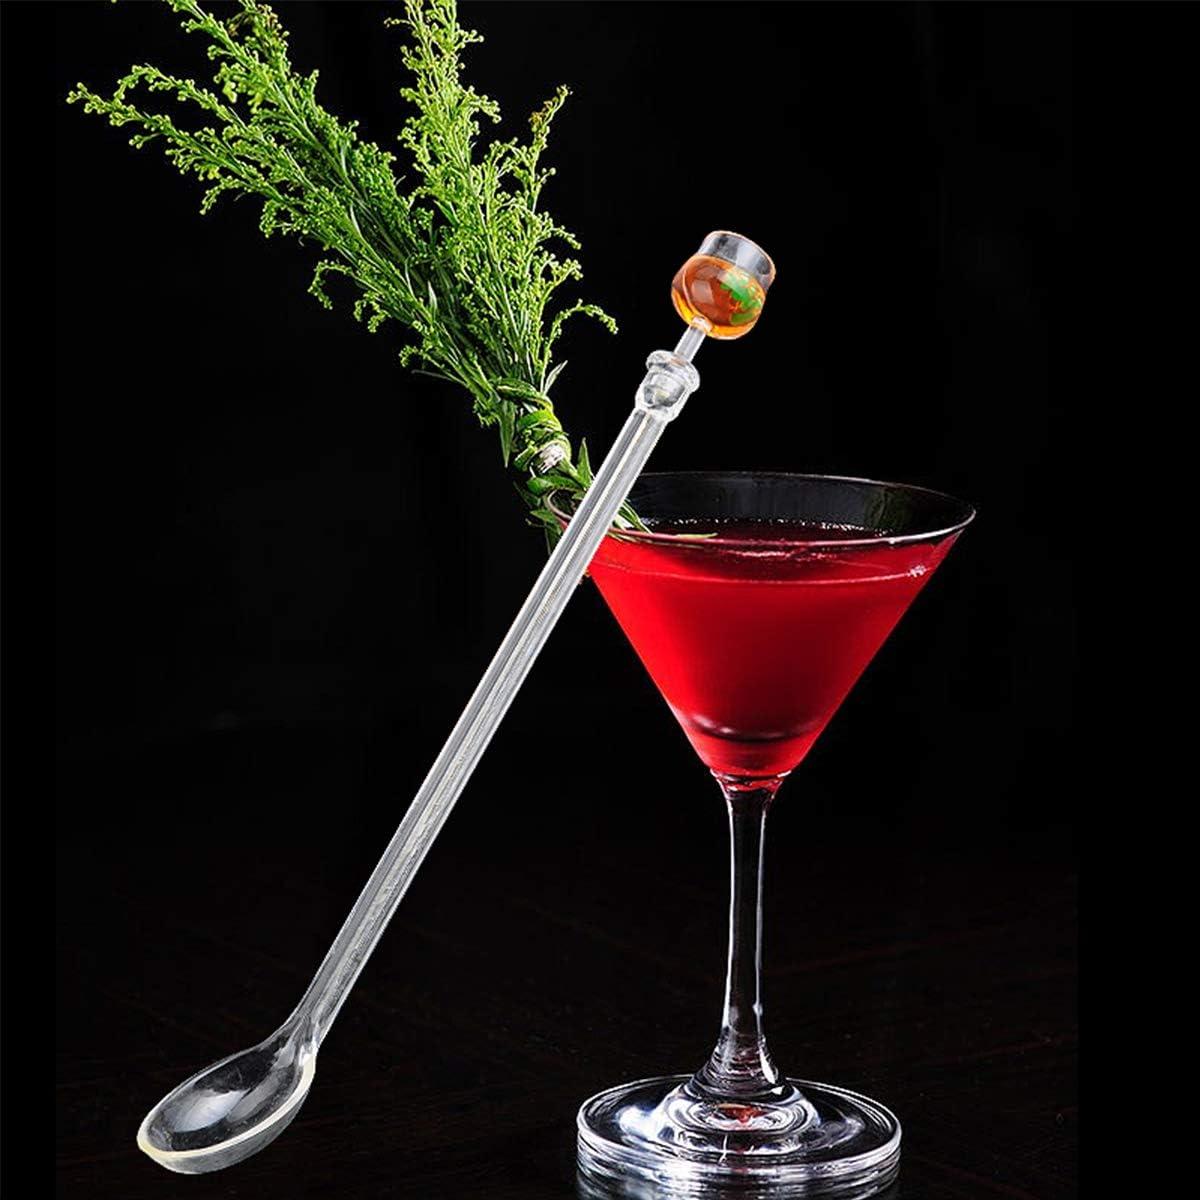 Yueser Agitateurs de Cocktail 20 Pi/èces B/âtonnets de Cocktail Cuill/ère /à Cocktail avec 20 D/écoration de Cocktail Cocktail Parapluies pour Adapt/ées /à D/écoration Alimentaire du Bar du Parti